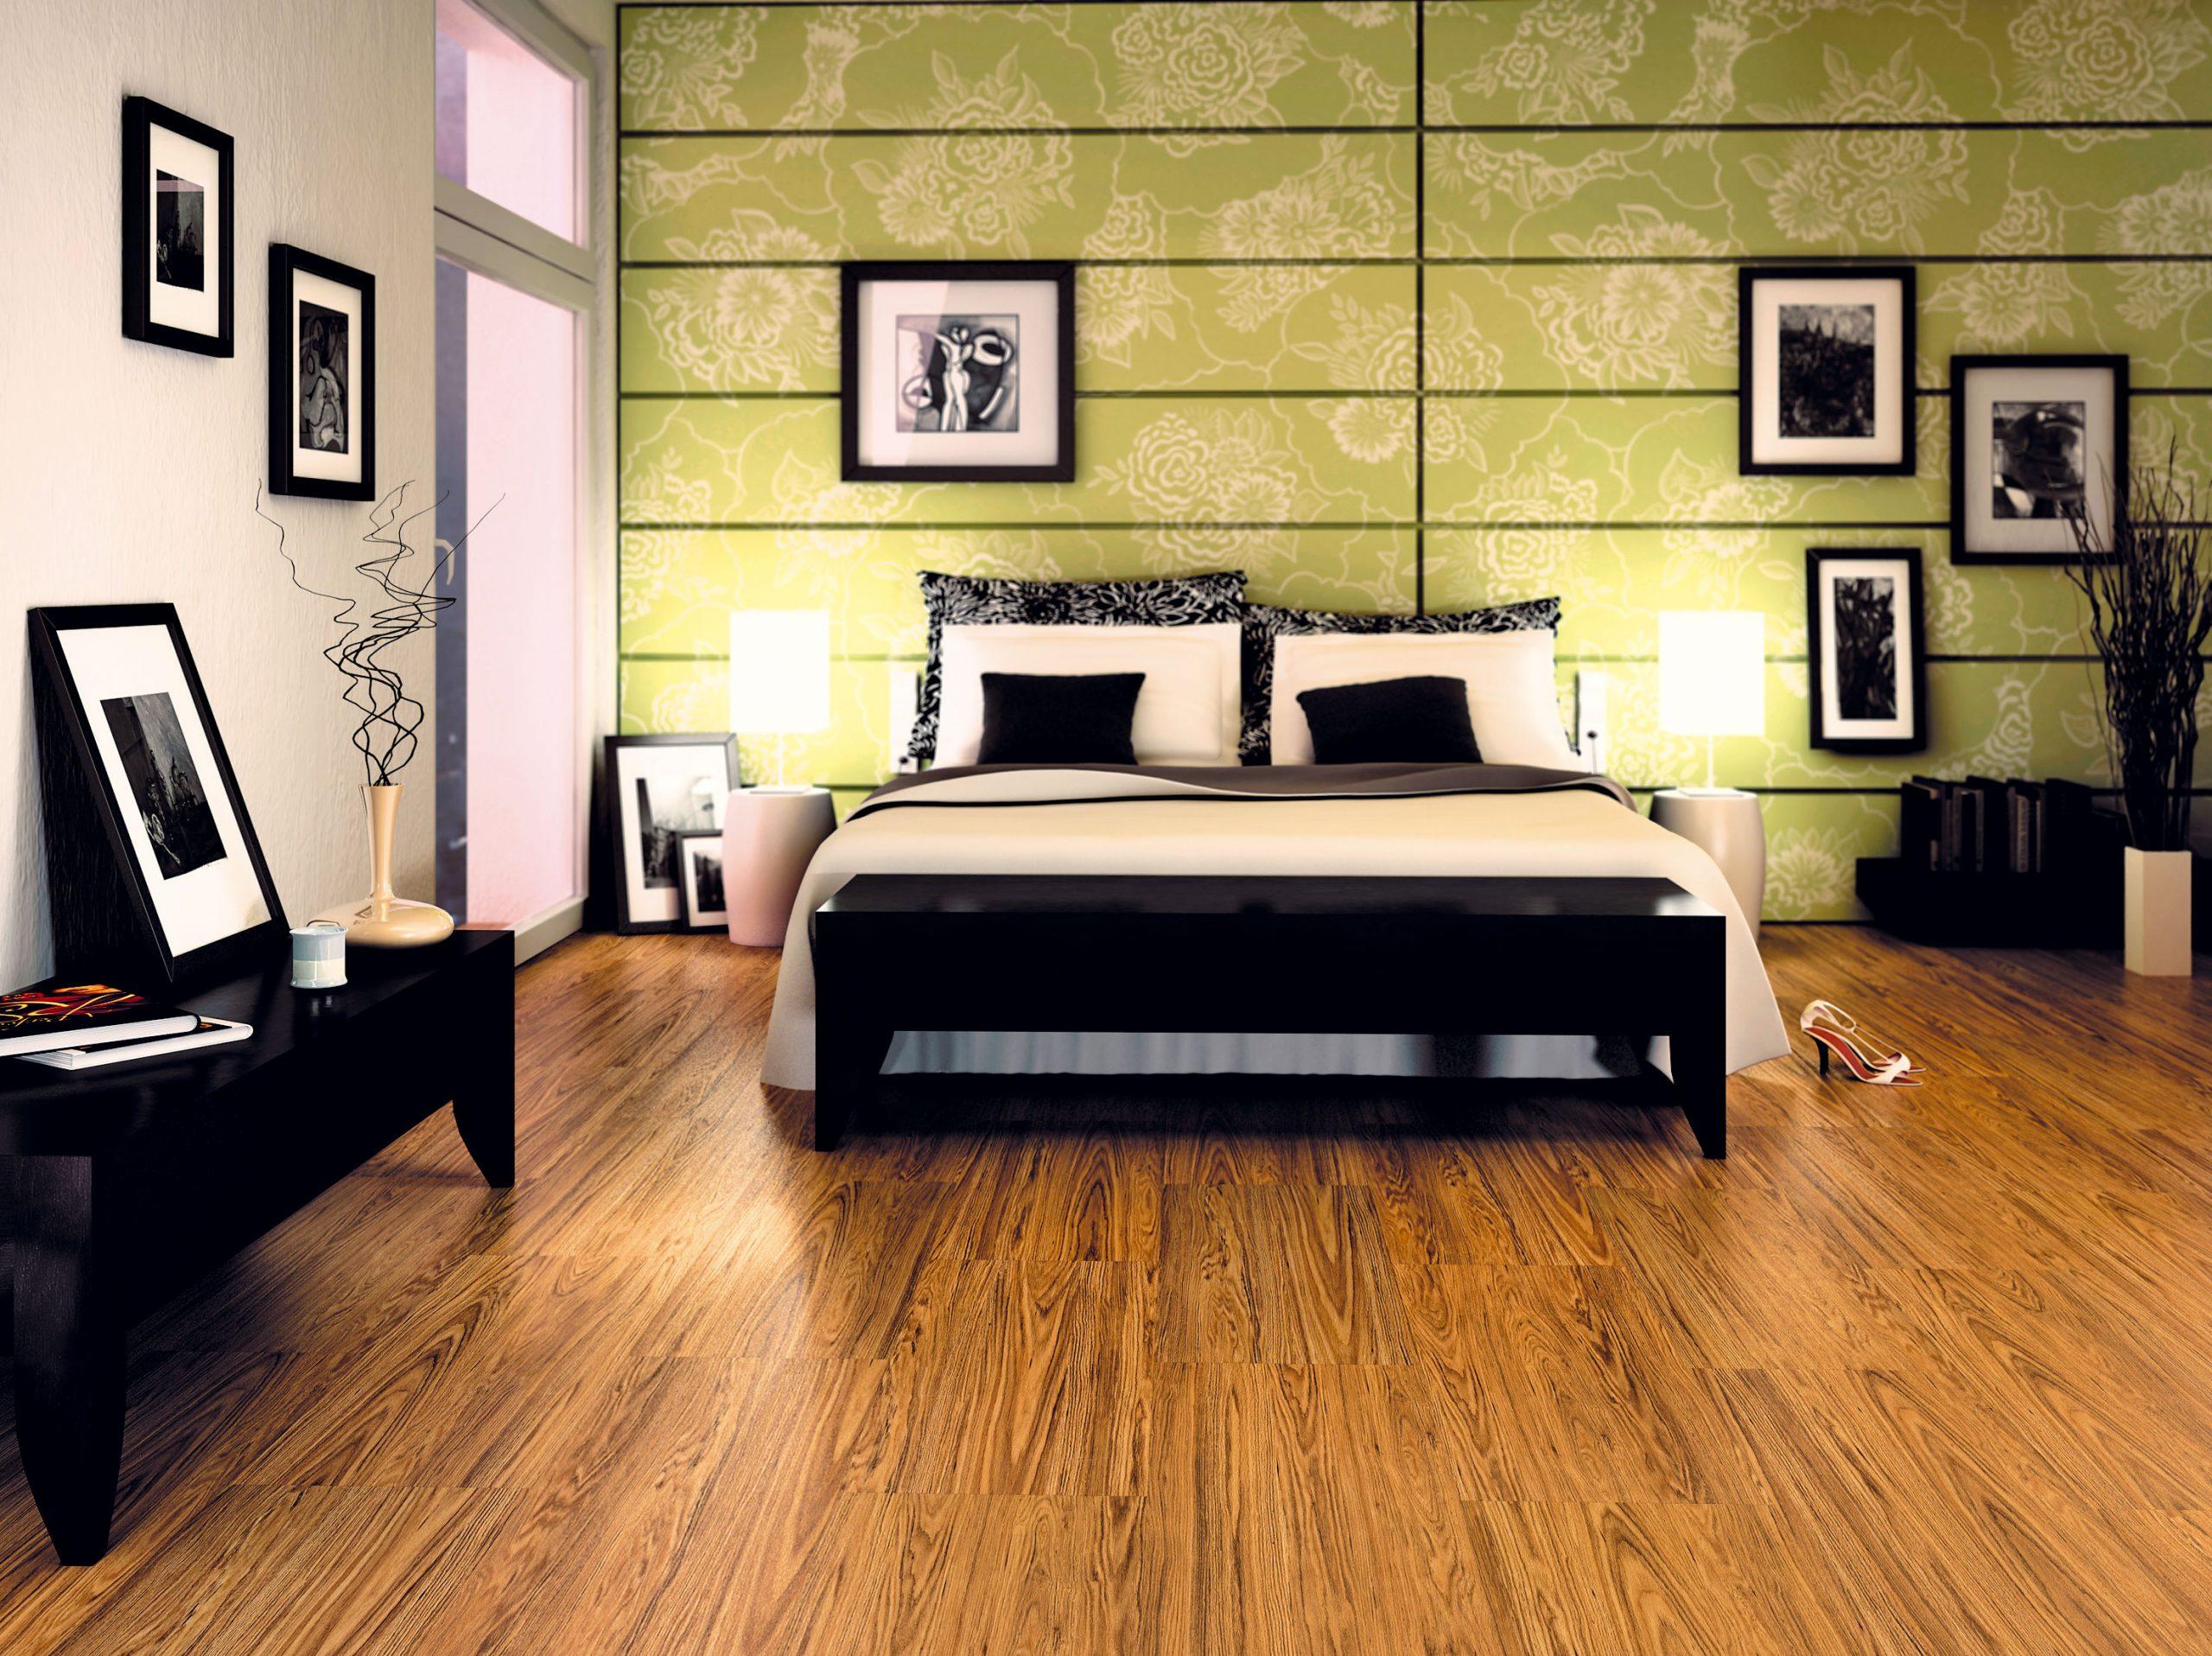 Vzávislosti od nárokov na podlahu sa odporúča vjednotlivých miestnostiach použiť rôzne podlahové krytiny. Podlaha vkuchyni musí byť odolná najmä proti vode apoškodeniu, vobývačke by mala byť príjemná adávať pocit komfortu, vspálňach zas teplá. Netreba zabúdať, že podlaha vdetskej izbe má iné dizajnové nároky ako tá vizbách seniorov, kde sa hodia skôr klasické dezény. (foto: Fatra, podlahy Fatraclick, predáva Magnet Trade.)